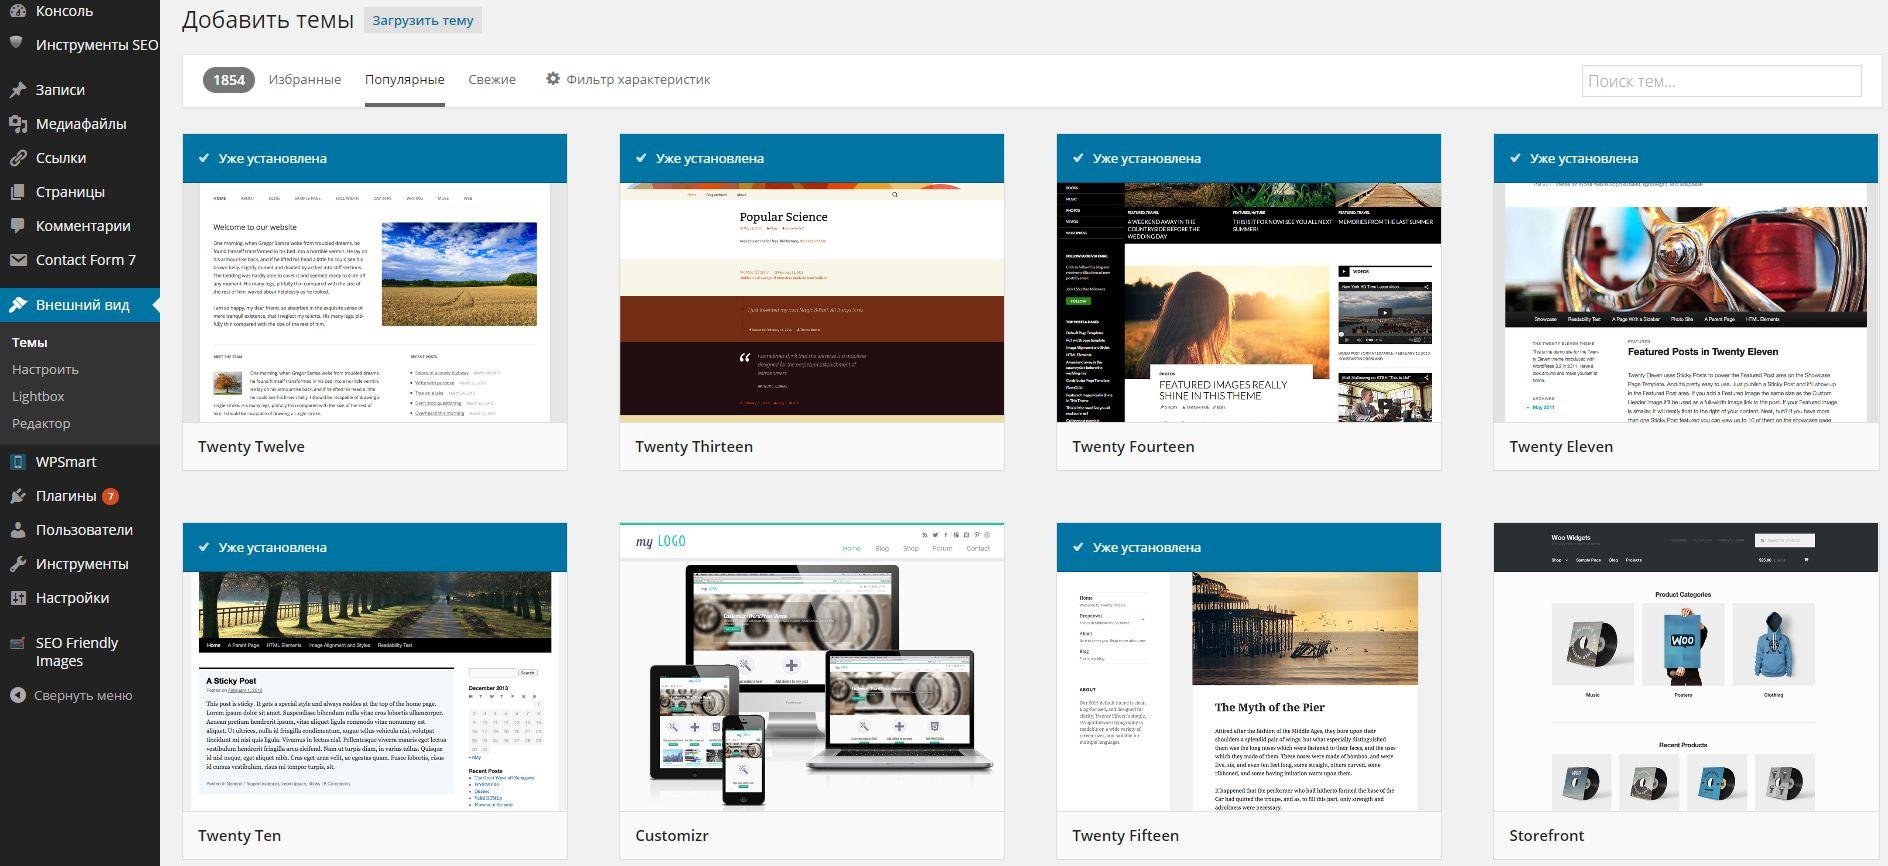 Темы оформления в WordPress